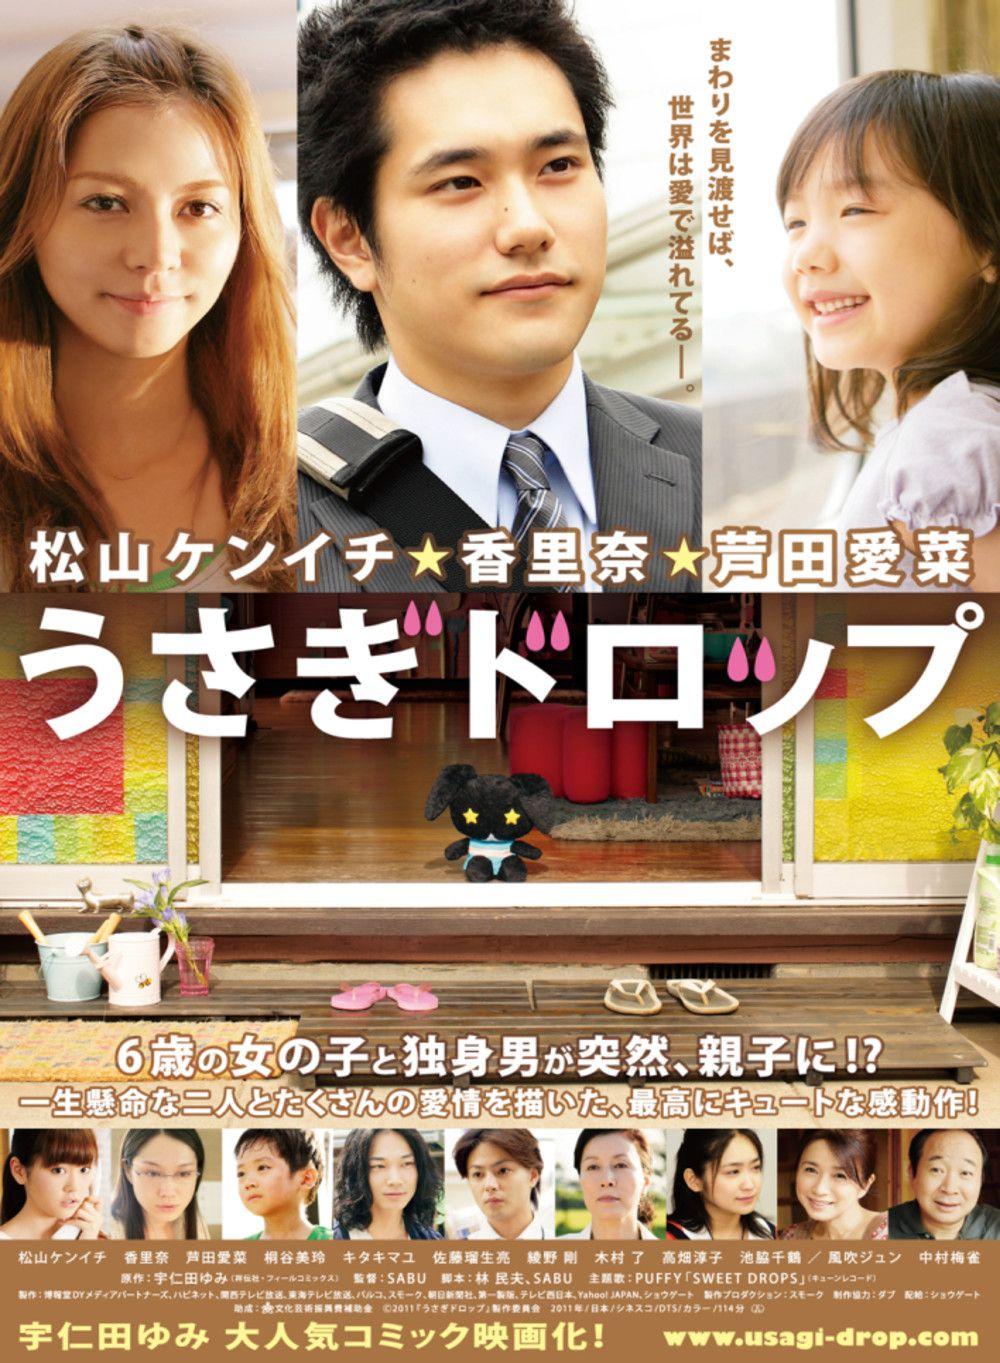 Usagi Drop Aka Bunny Drop 2011 Japan Director Sabu